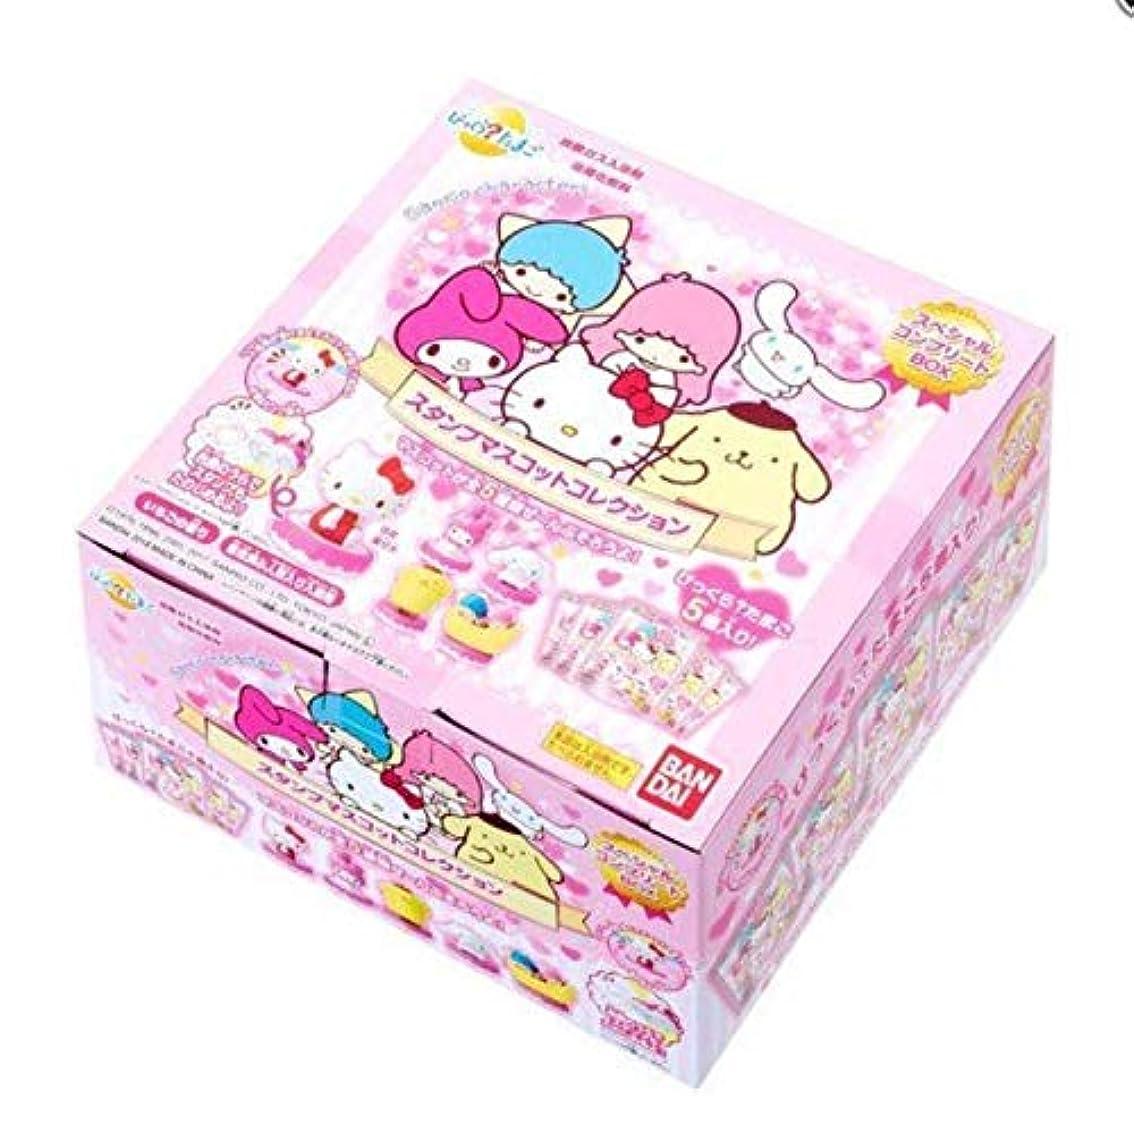 ドリンク時間とともに憤るびっくら?たまご サンリオキャラクターズ スタンプマスコットコレクション スペシャルコンプリートBOX